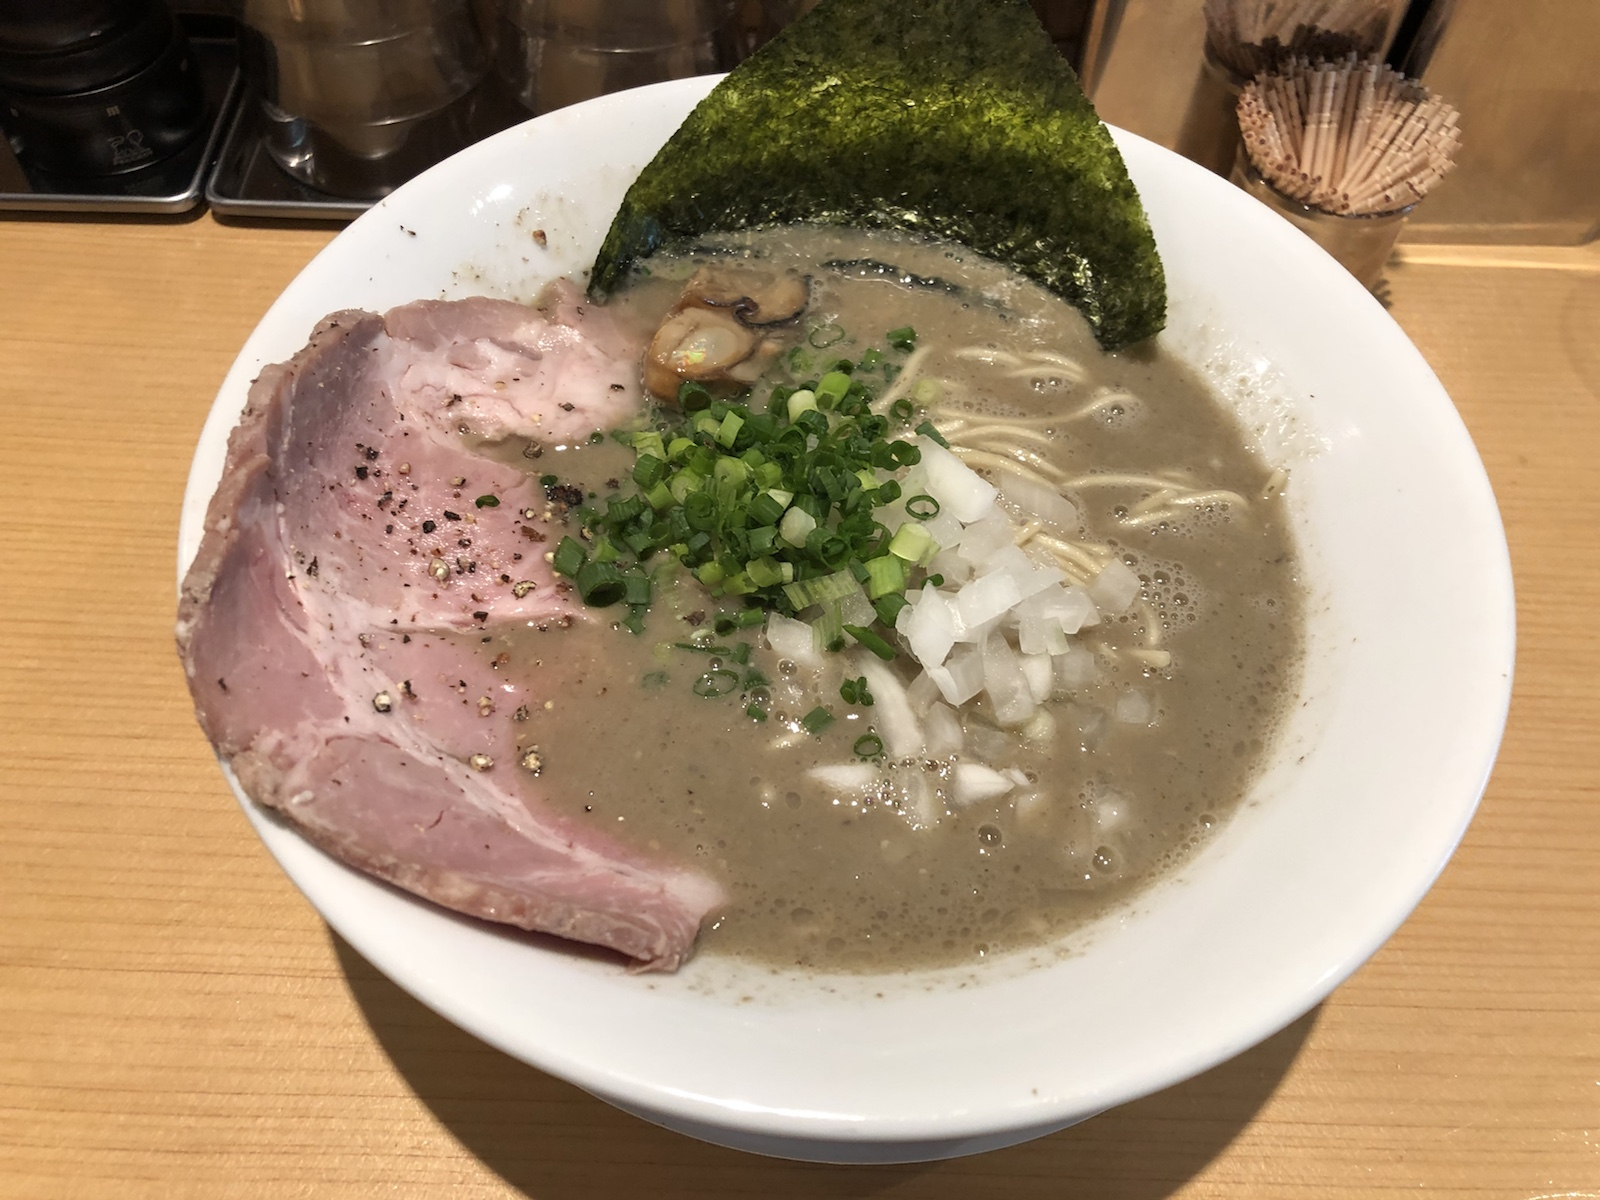 蒲田「まほろ芭」 煮干×牡蠣!海のコク泡立つ濃厚カキニボ麺